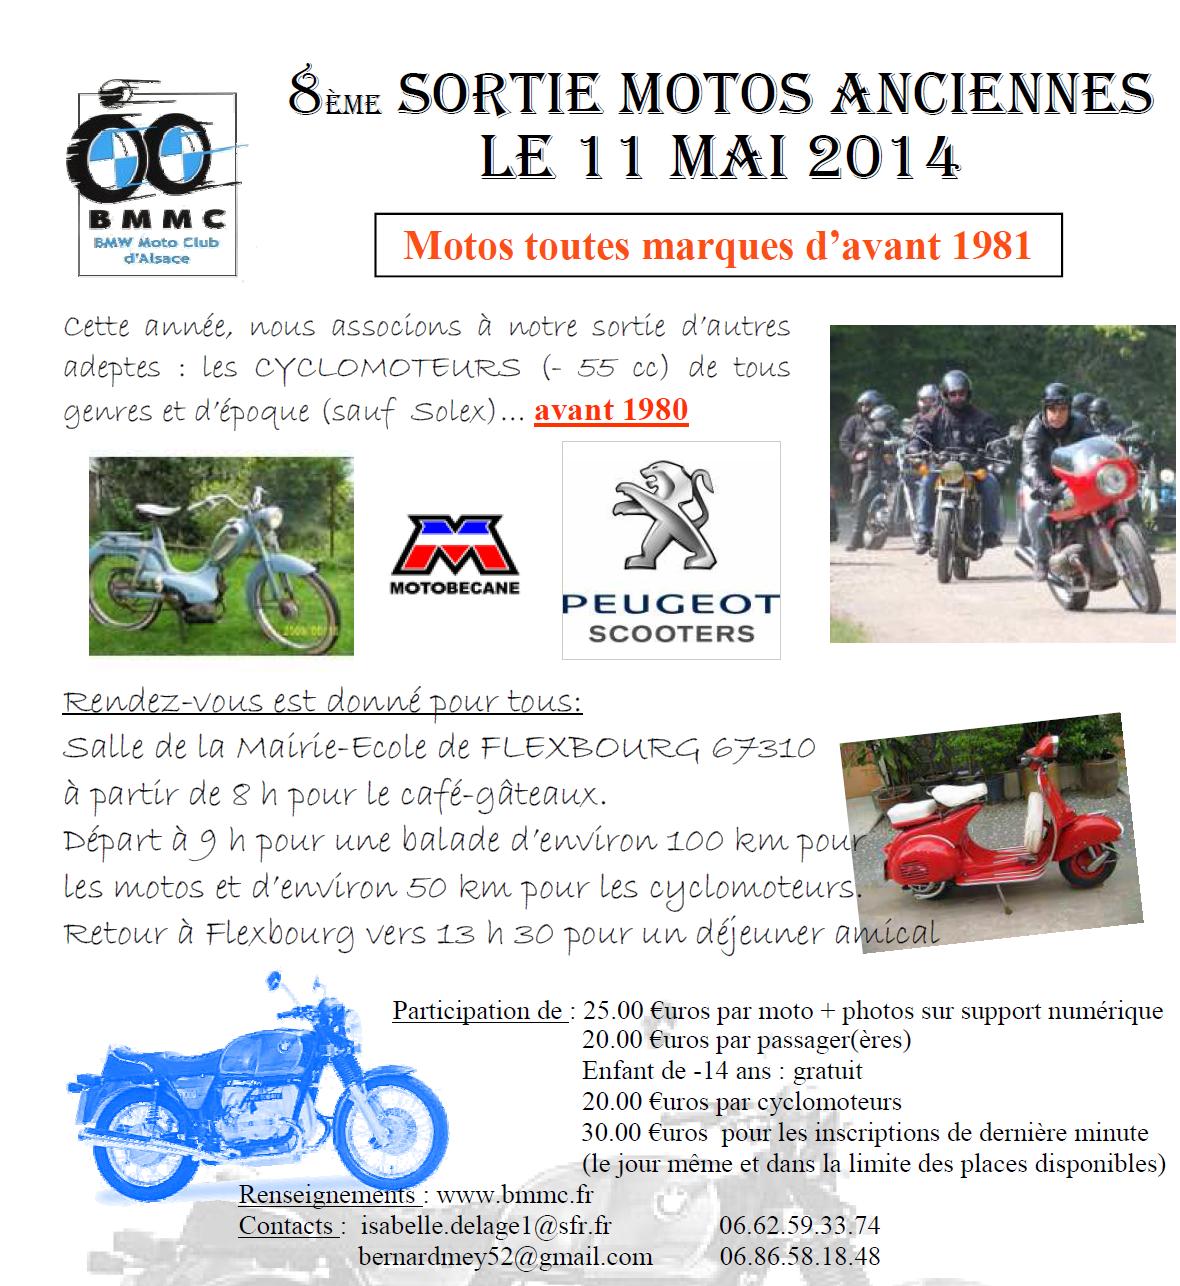 Bulletin d'inscription à la sortie moto - cyclo annuelle du BM Moto Club (BMMC) de Strasbourg en mai 2014